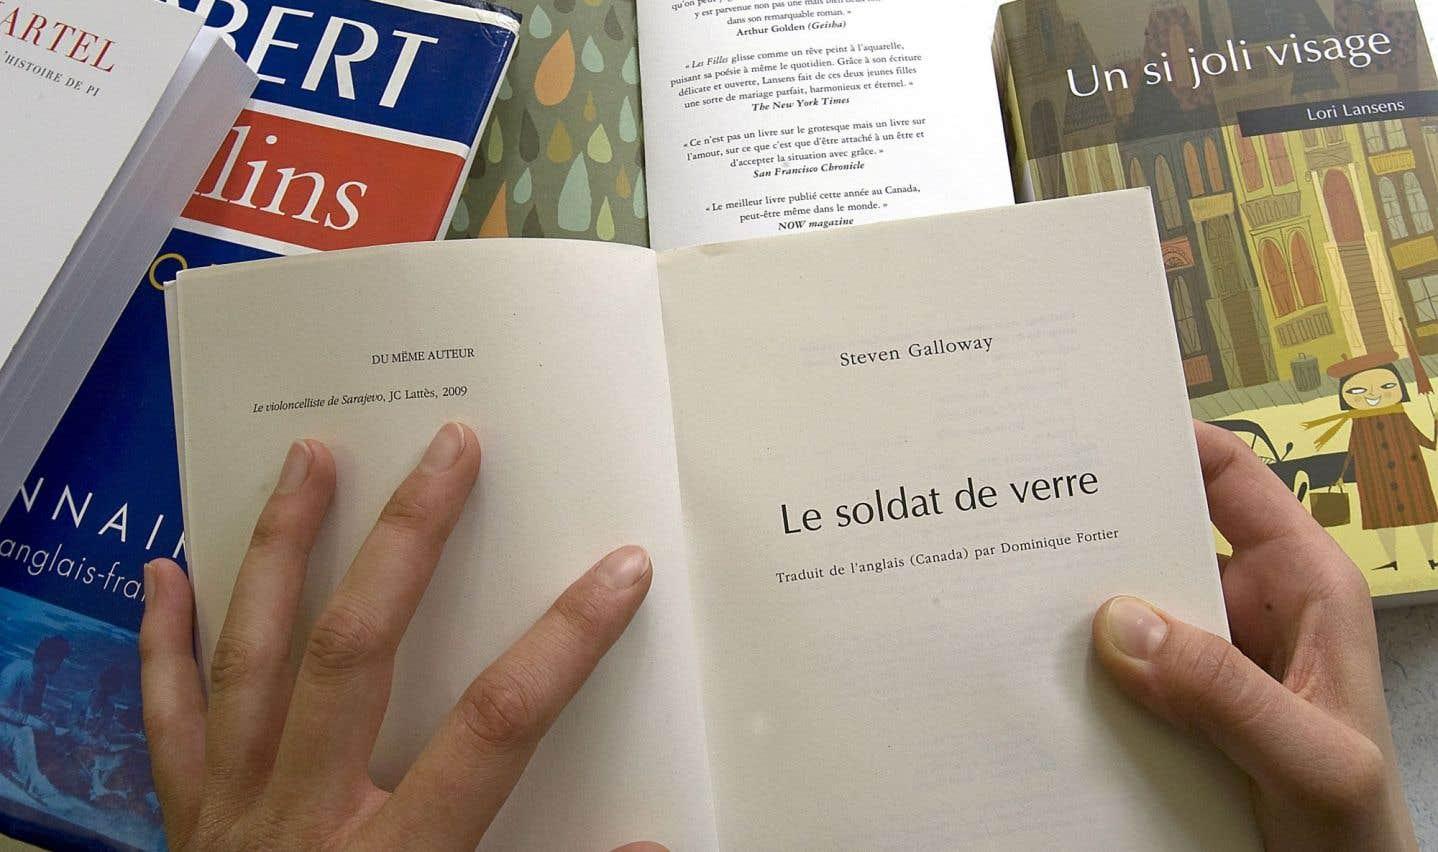 Montréal: capitale de la traduction